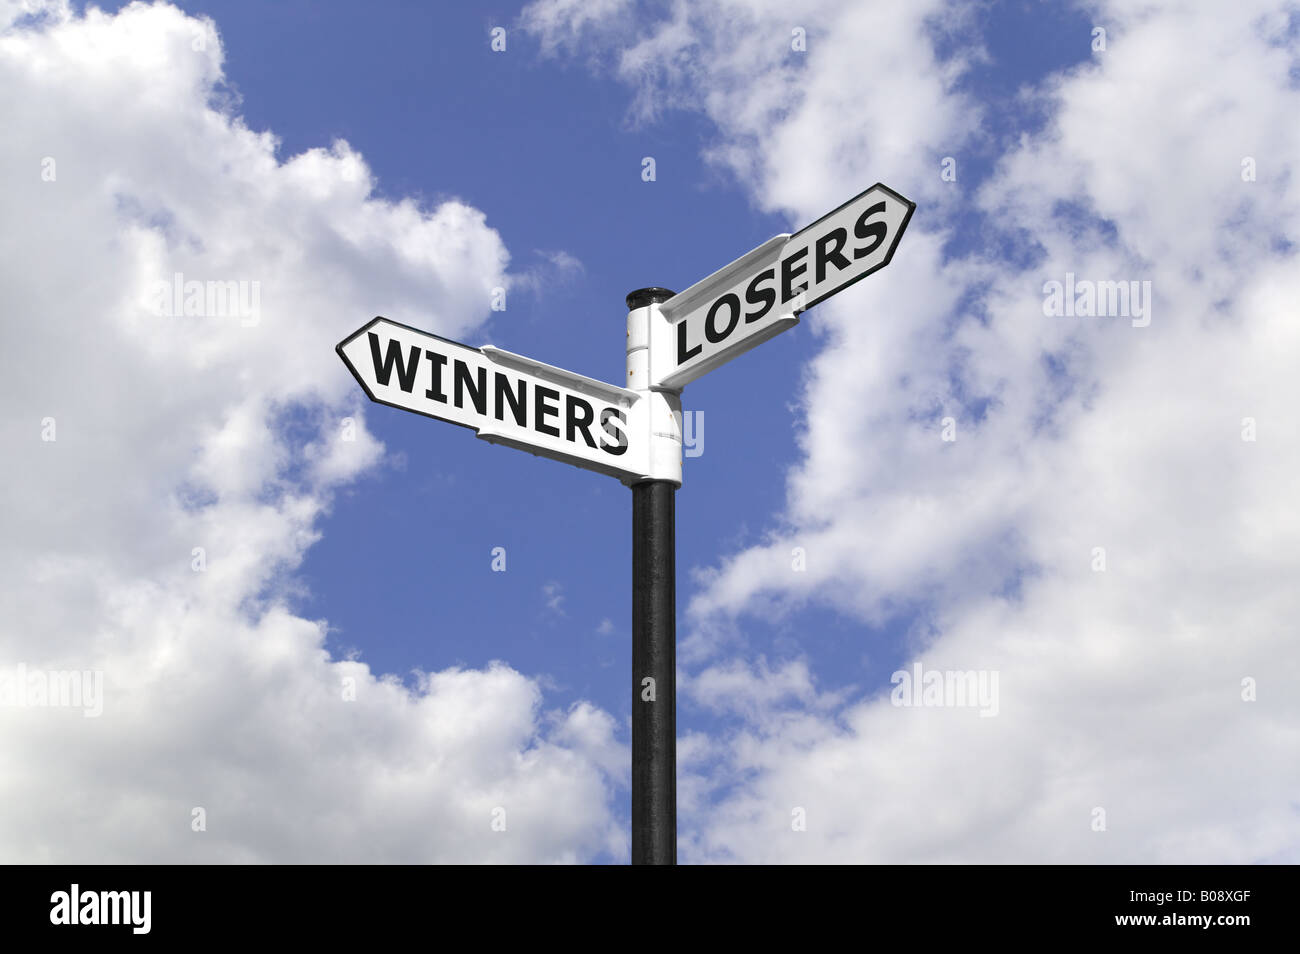 Gewinner und Verlierer auf ein Schild vor einem blauen bewölkten Himmel Stockbild